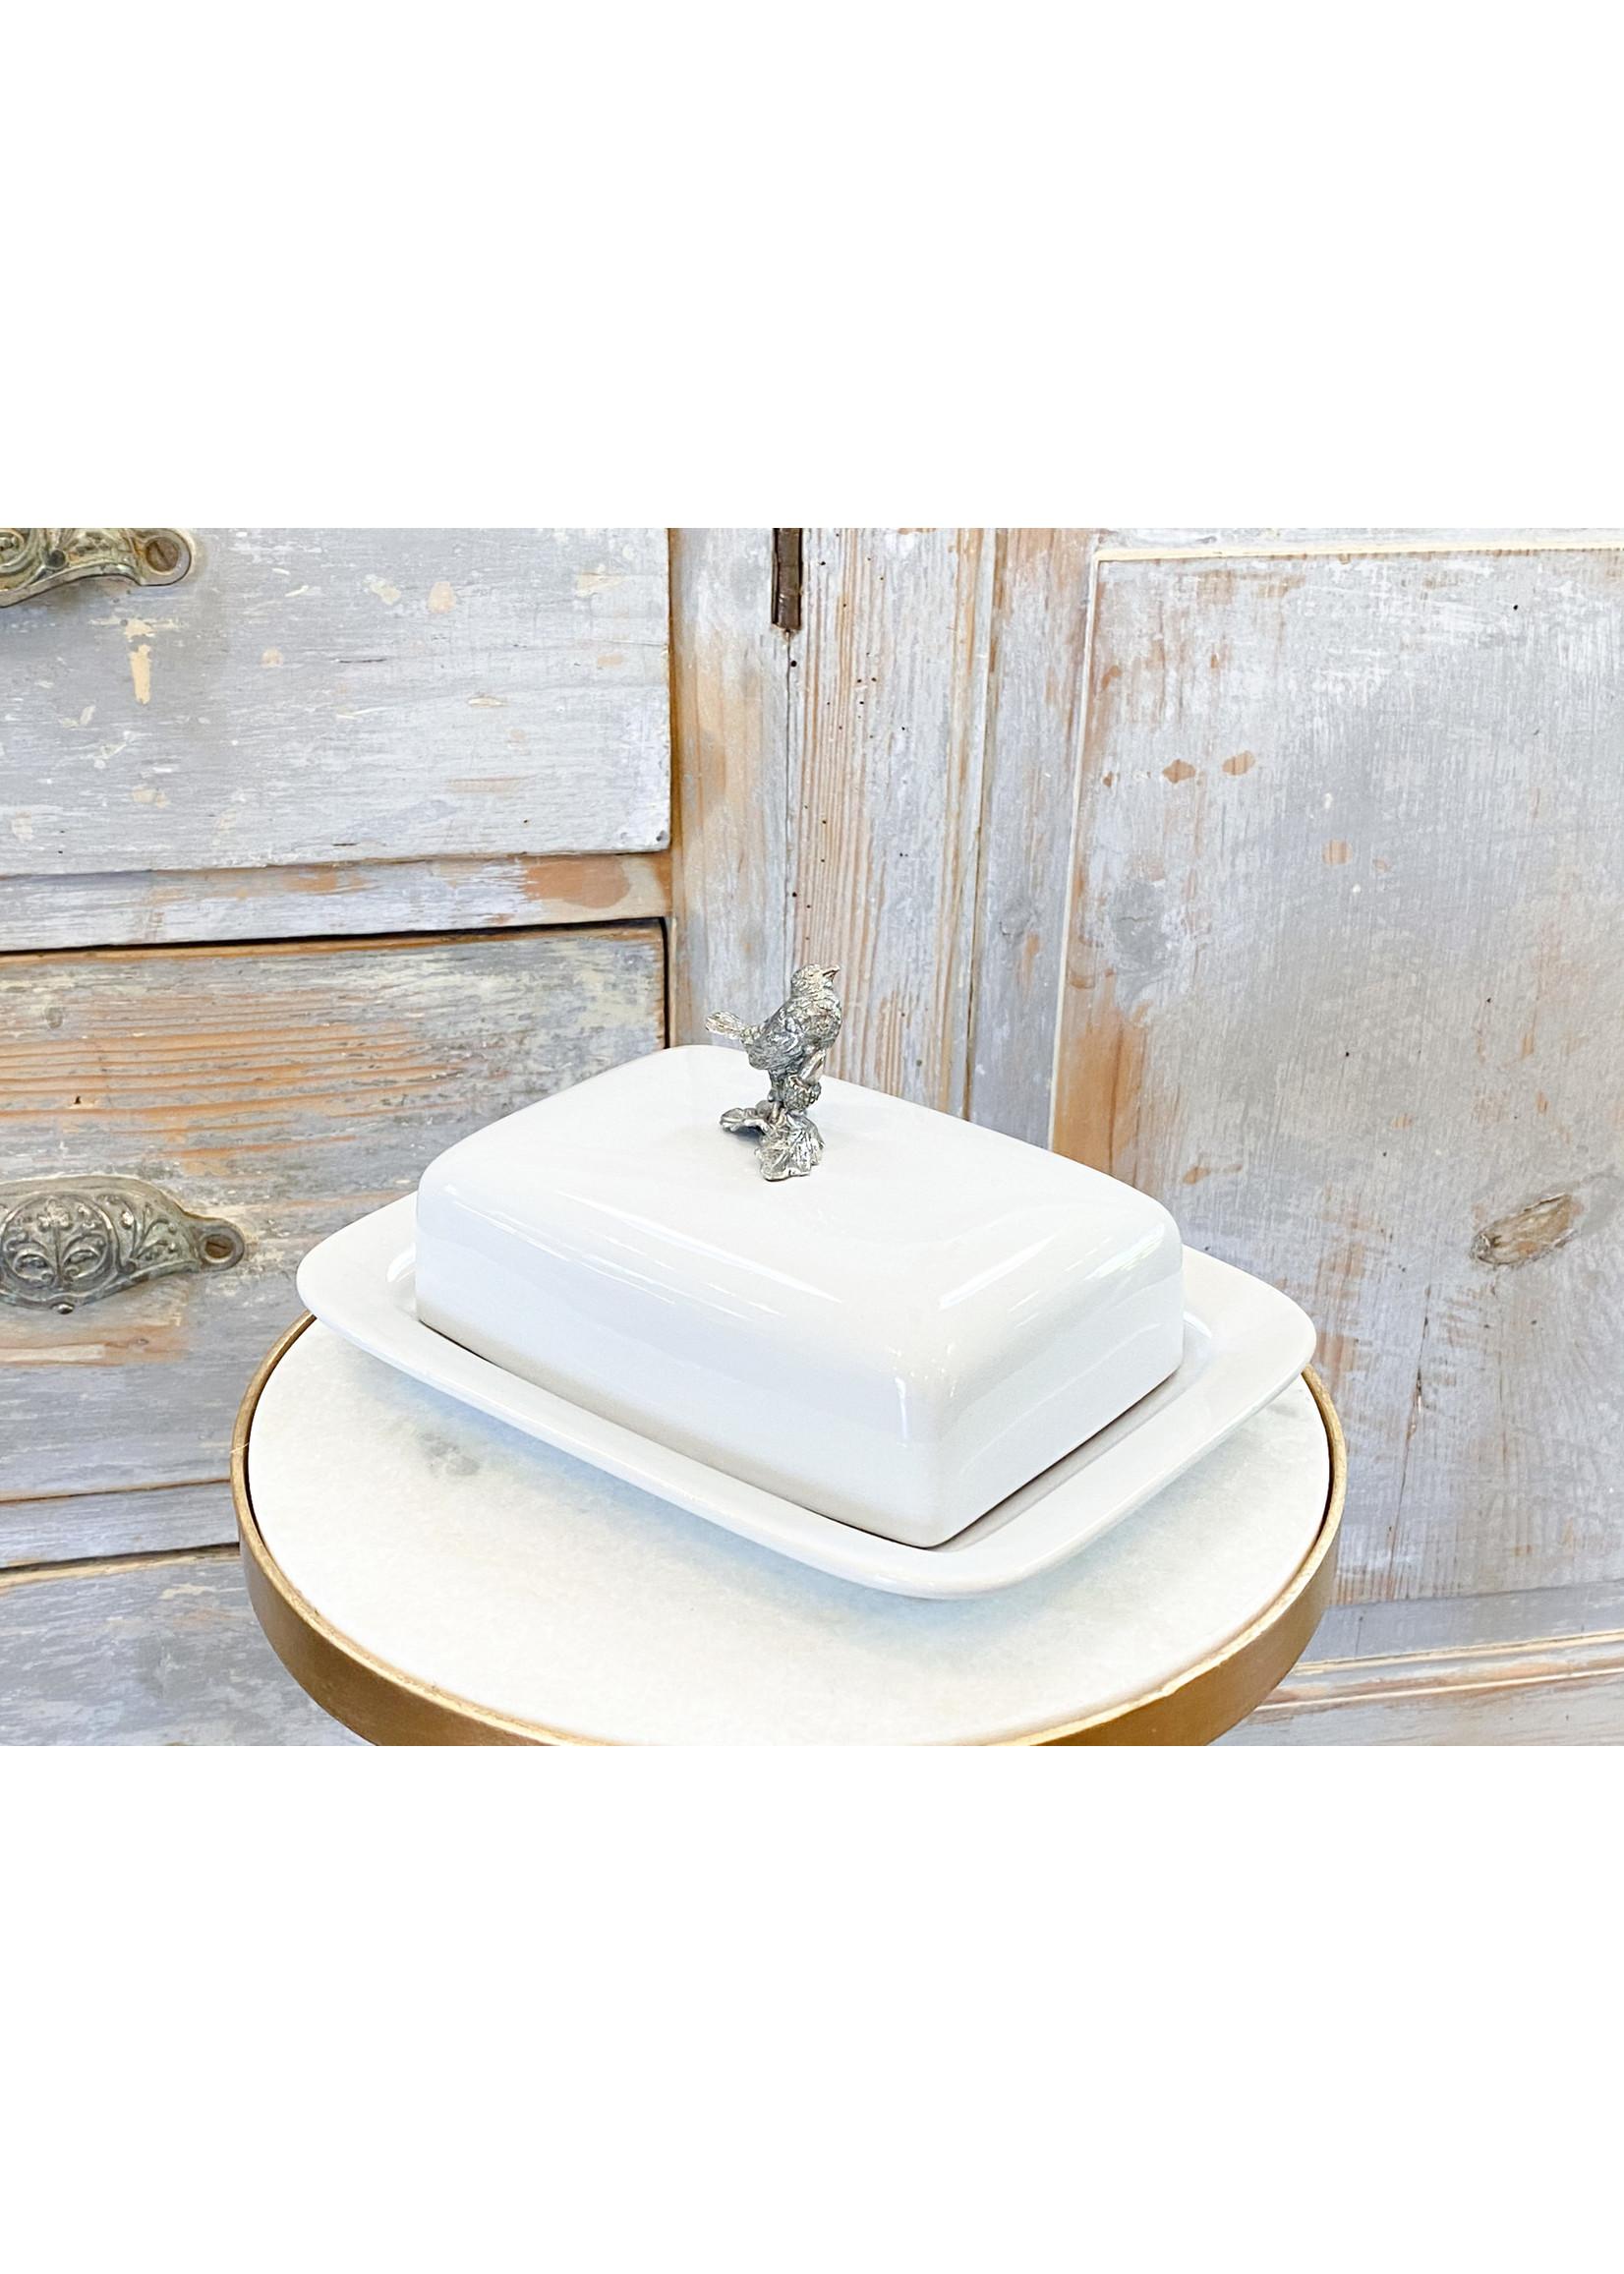 Butter Dish - Song Bird